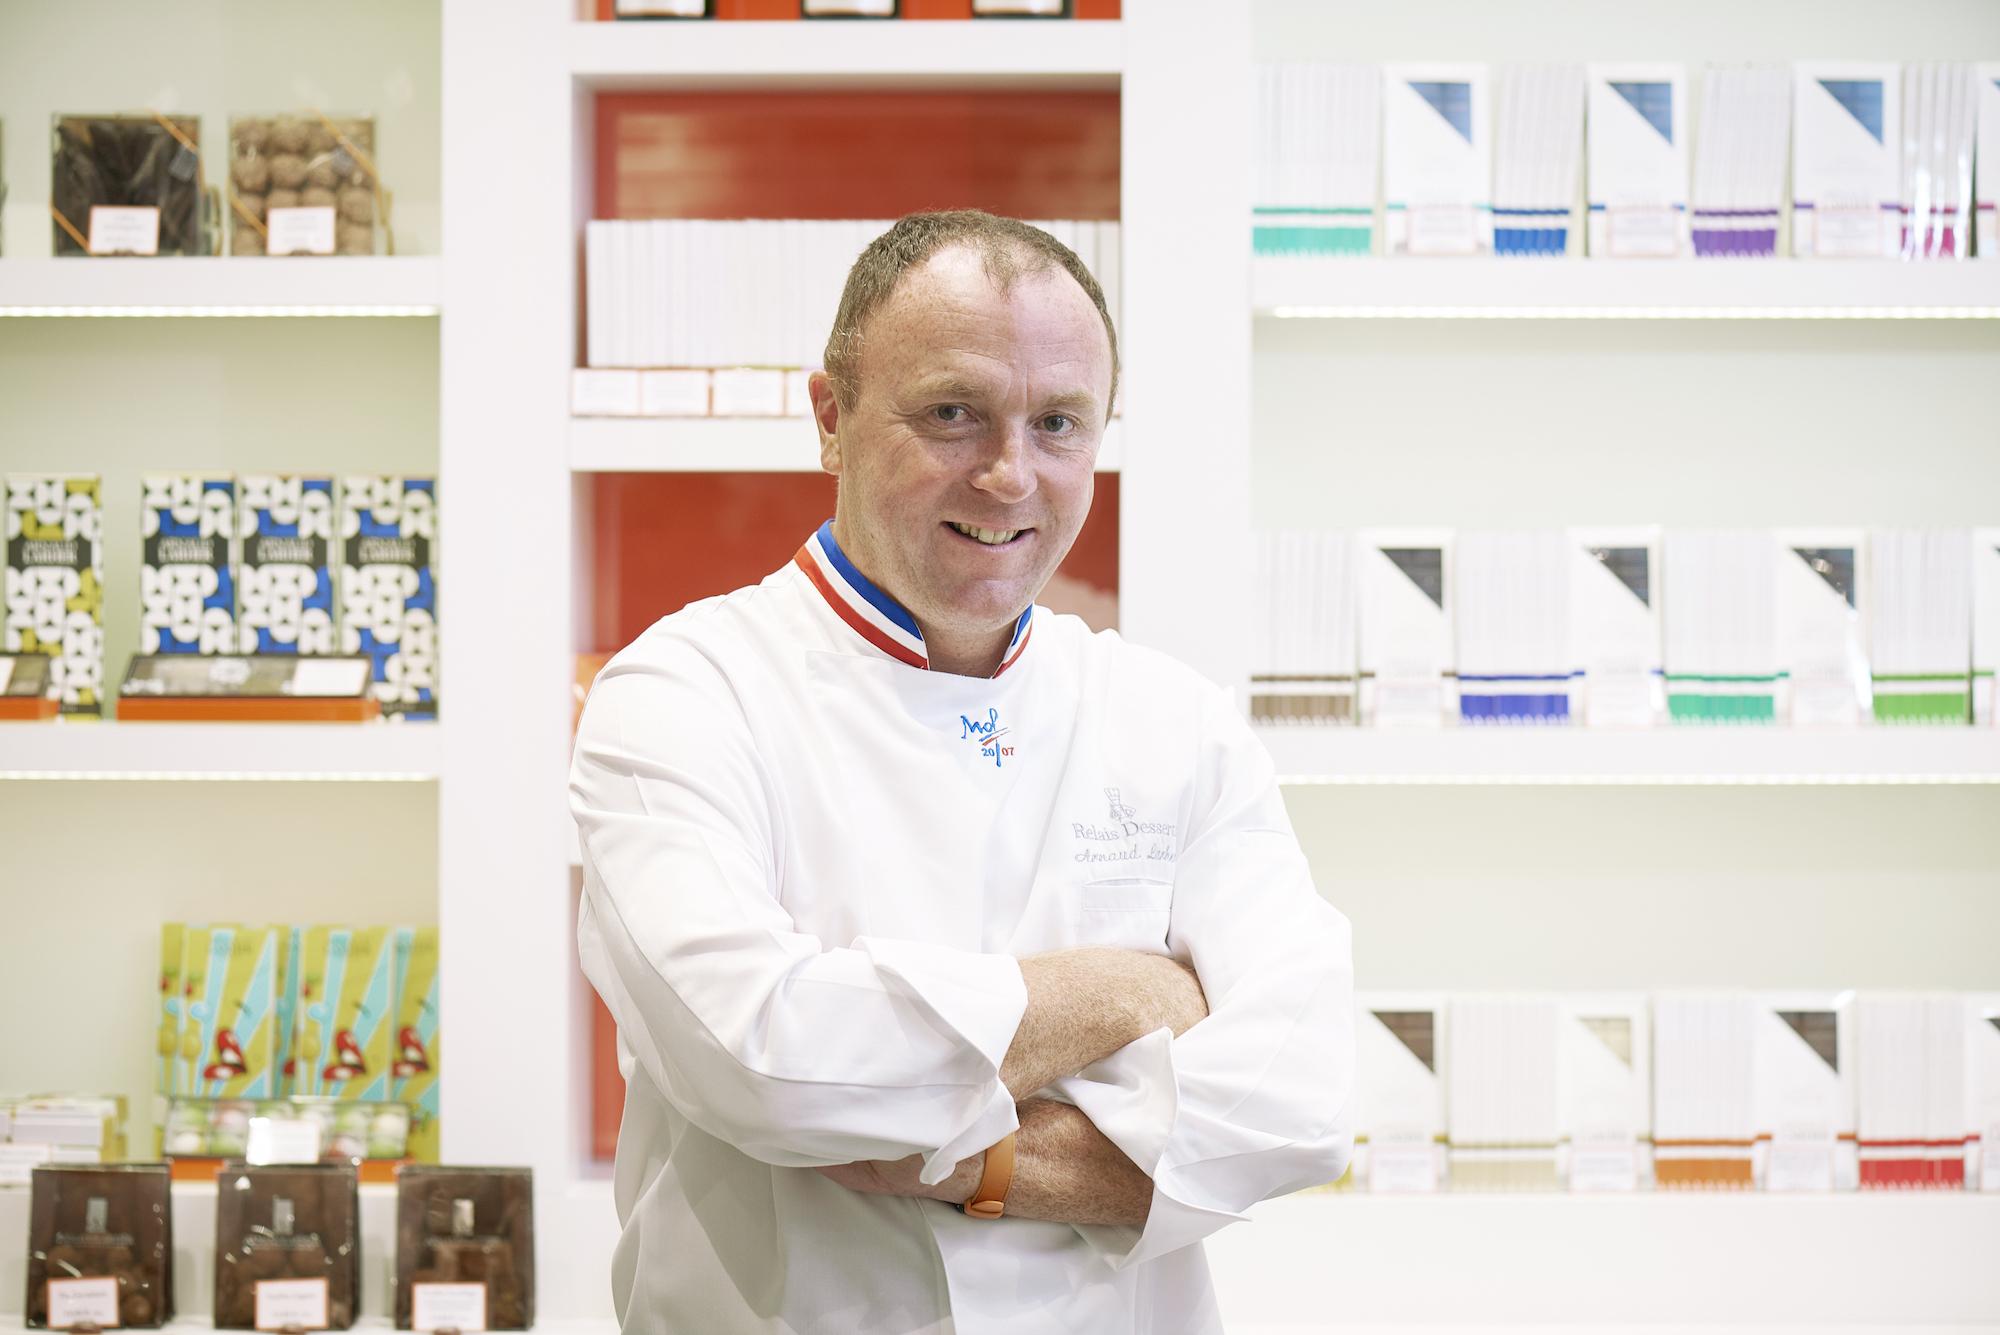 ARNAUD LARHER Pâtissier Chocolatier à Paris Arnaud Larher